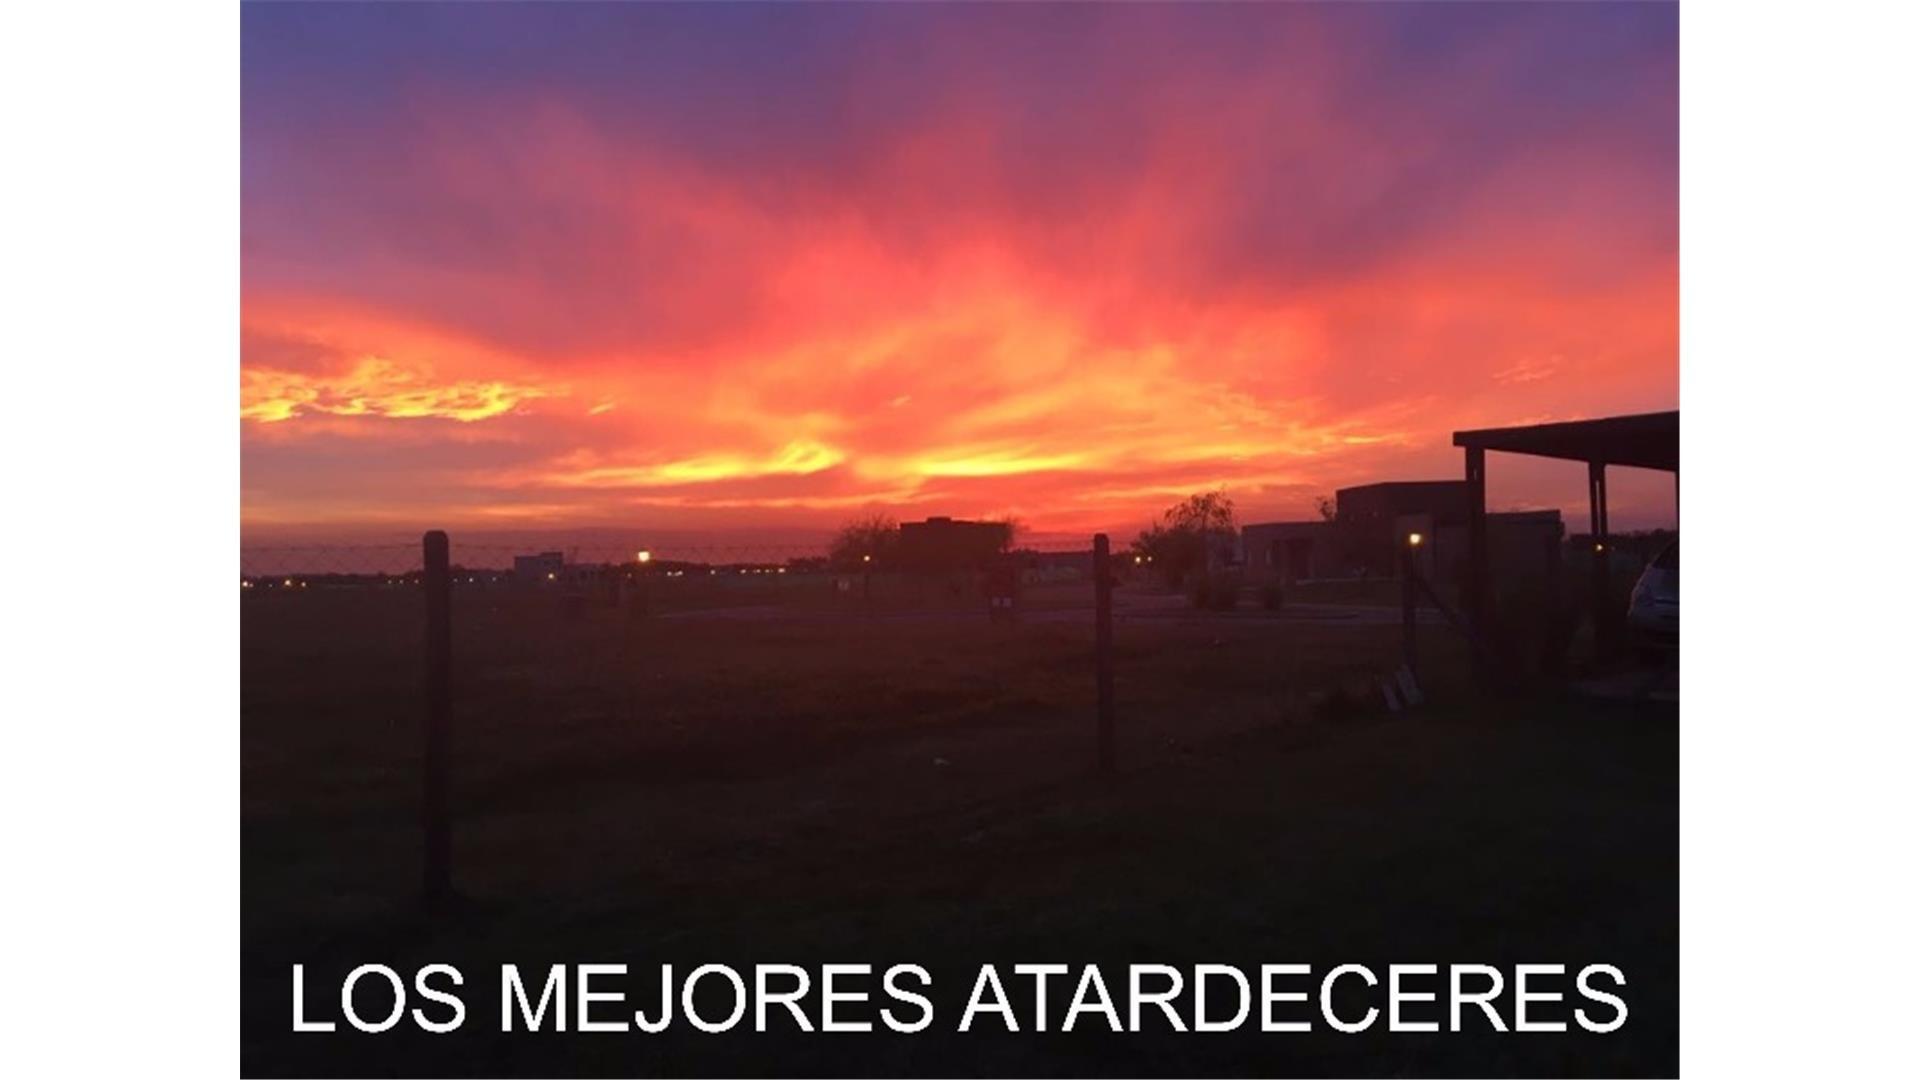 REGALATE LOS MEJORES ATARDECERES!